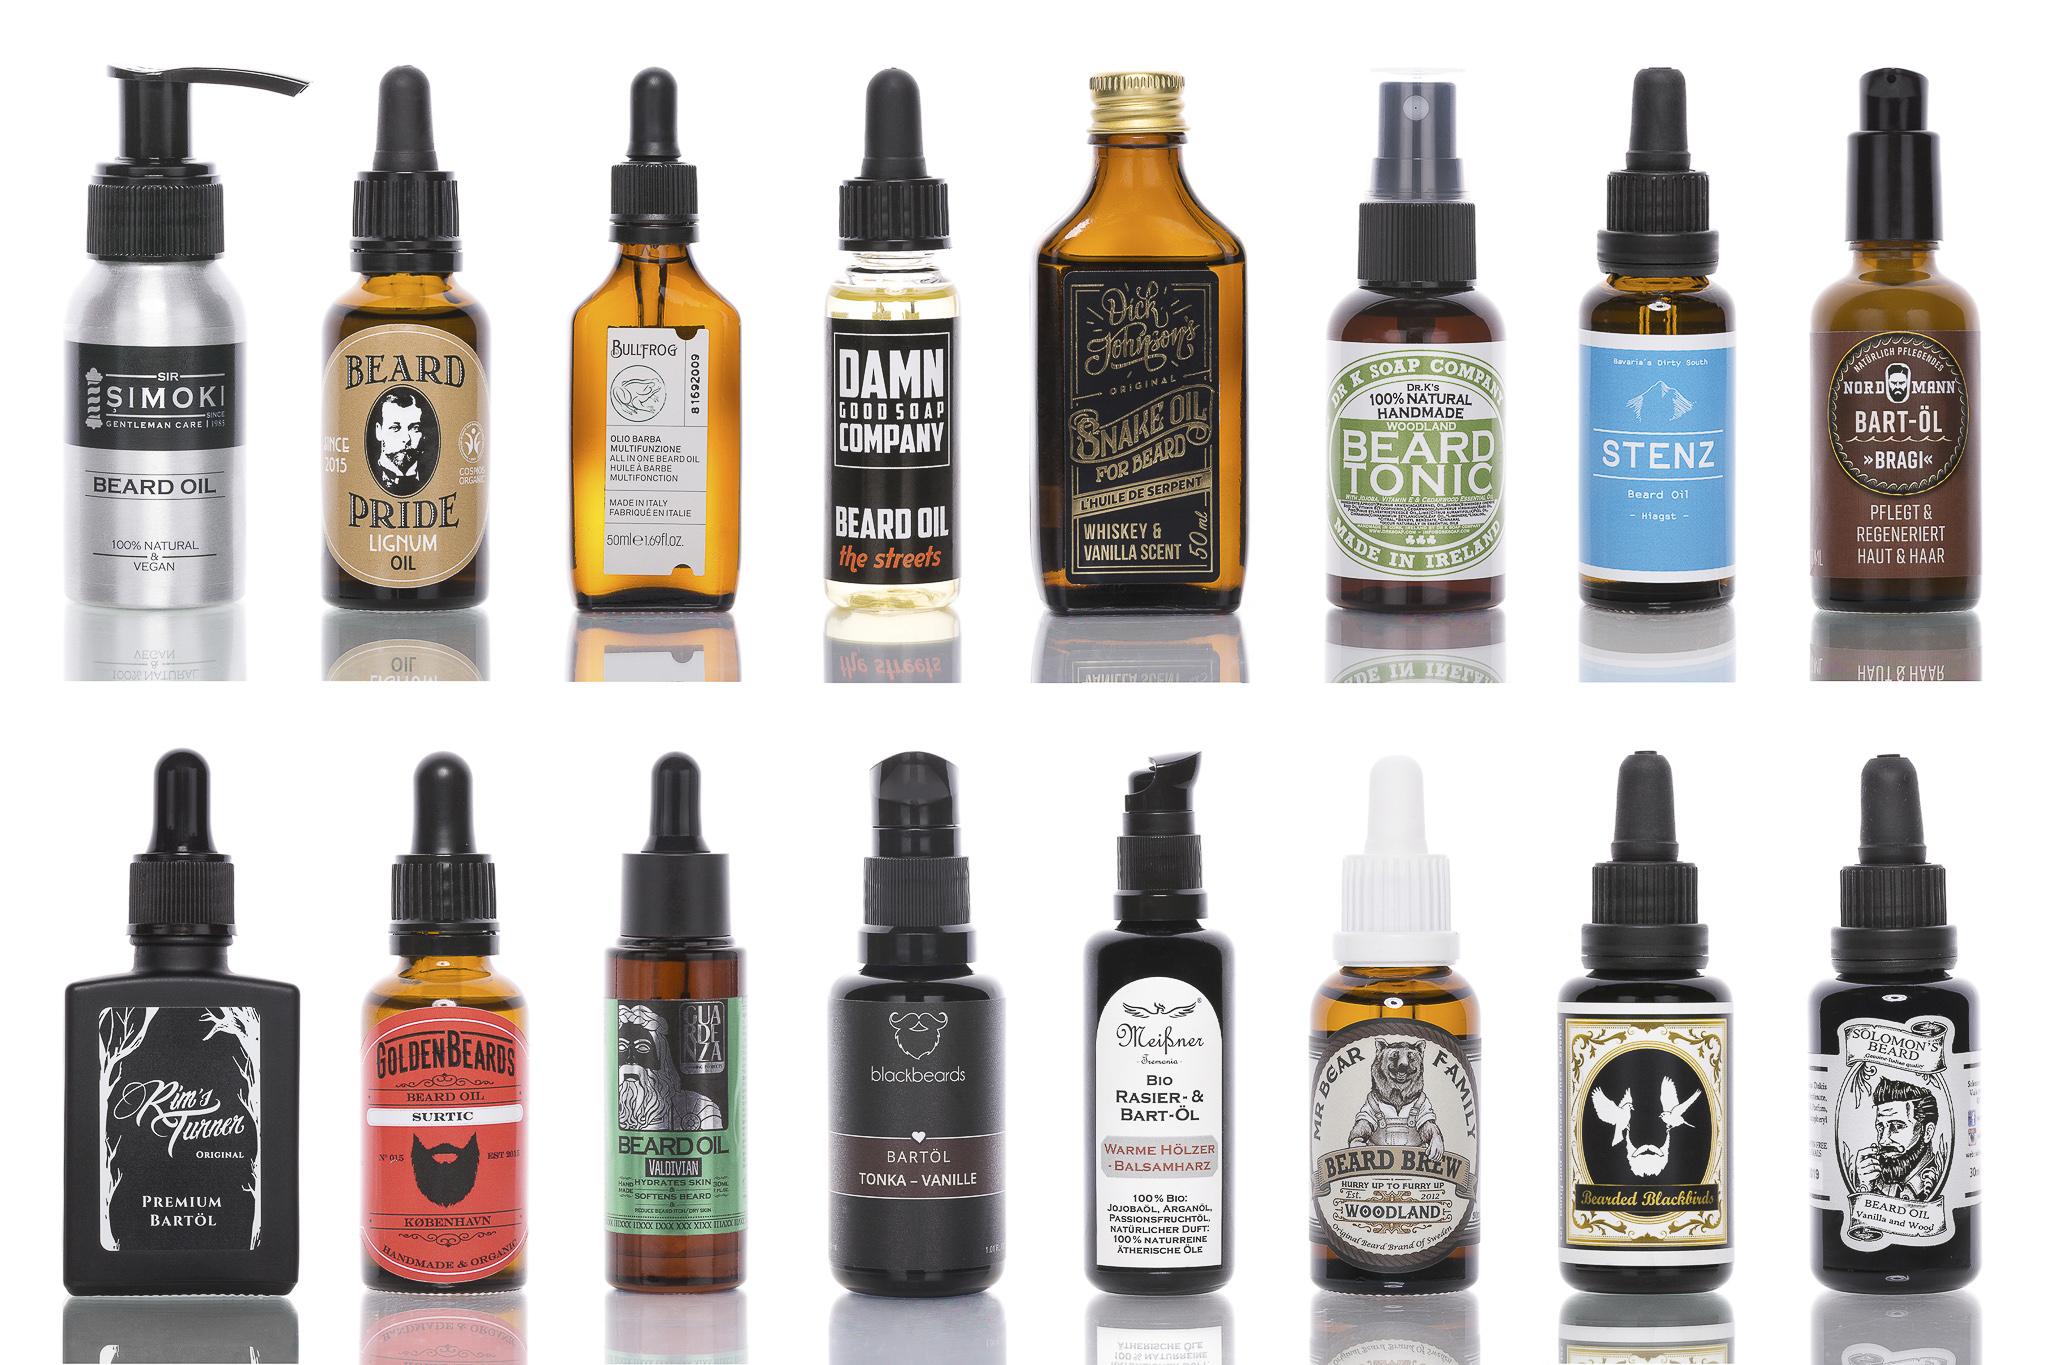 Bartöl online kaufen bei blackbeards, wir haben eine große Auswahl an Bartpflege Produkten